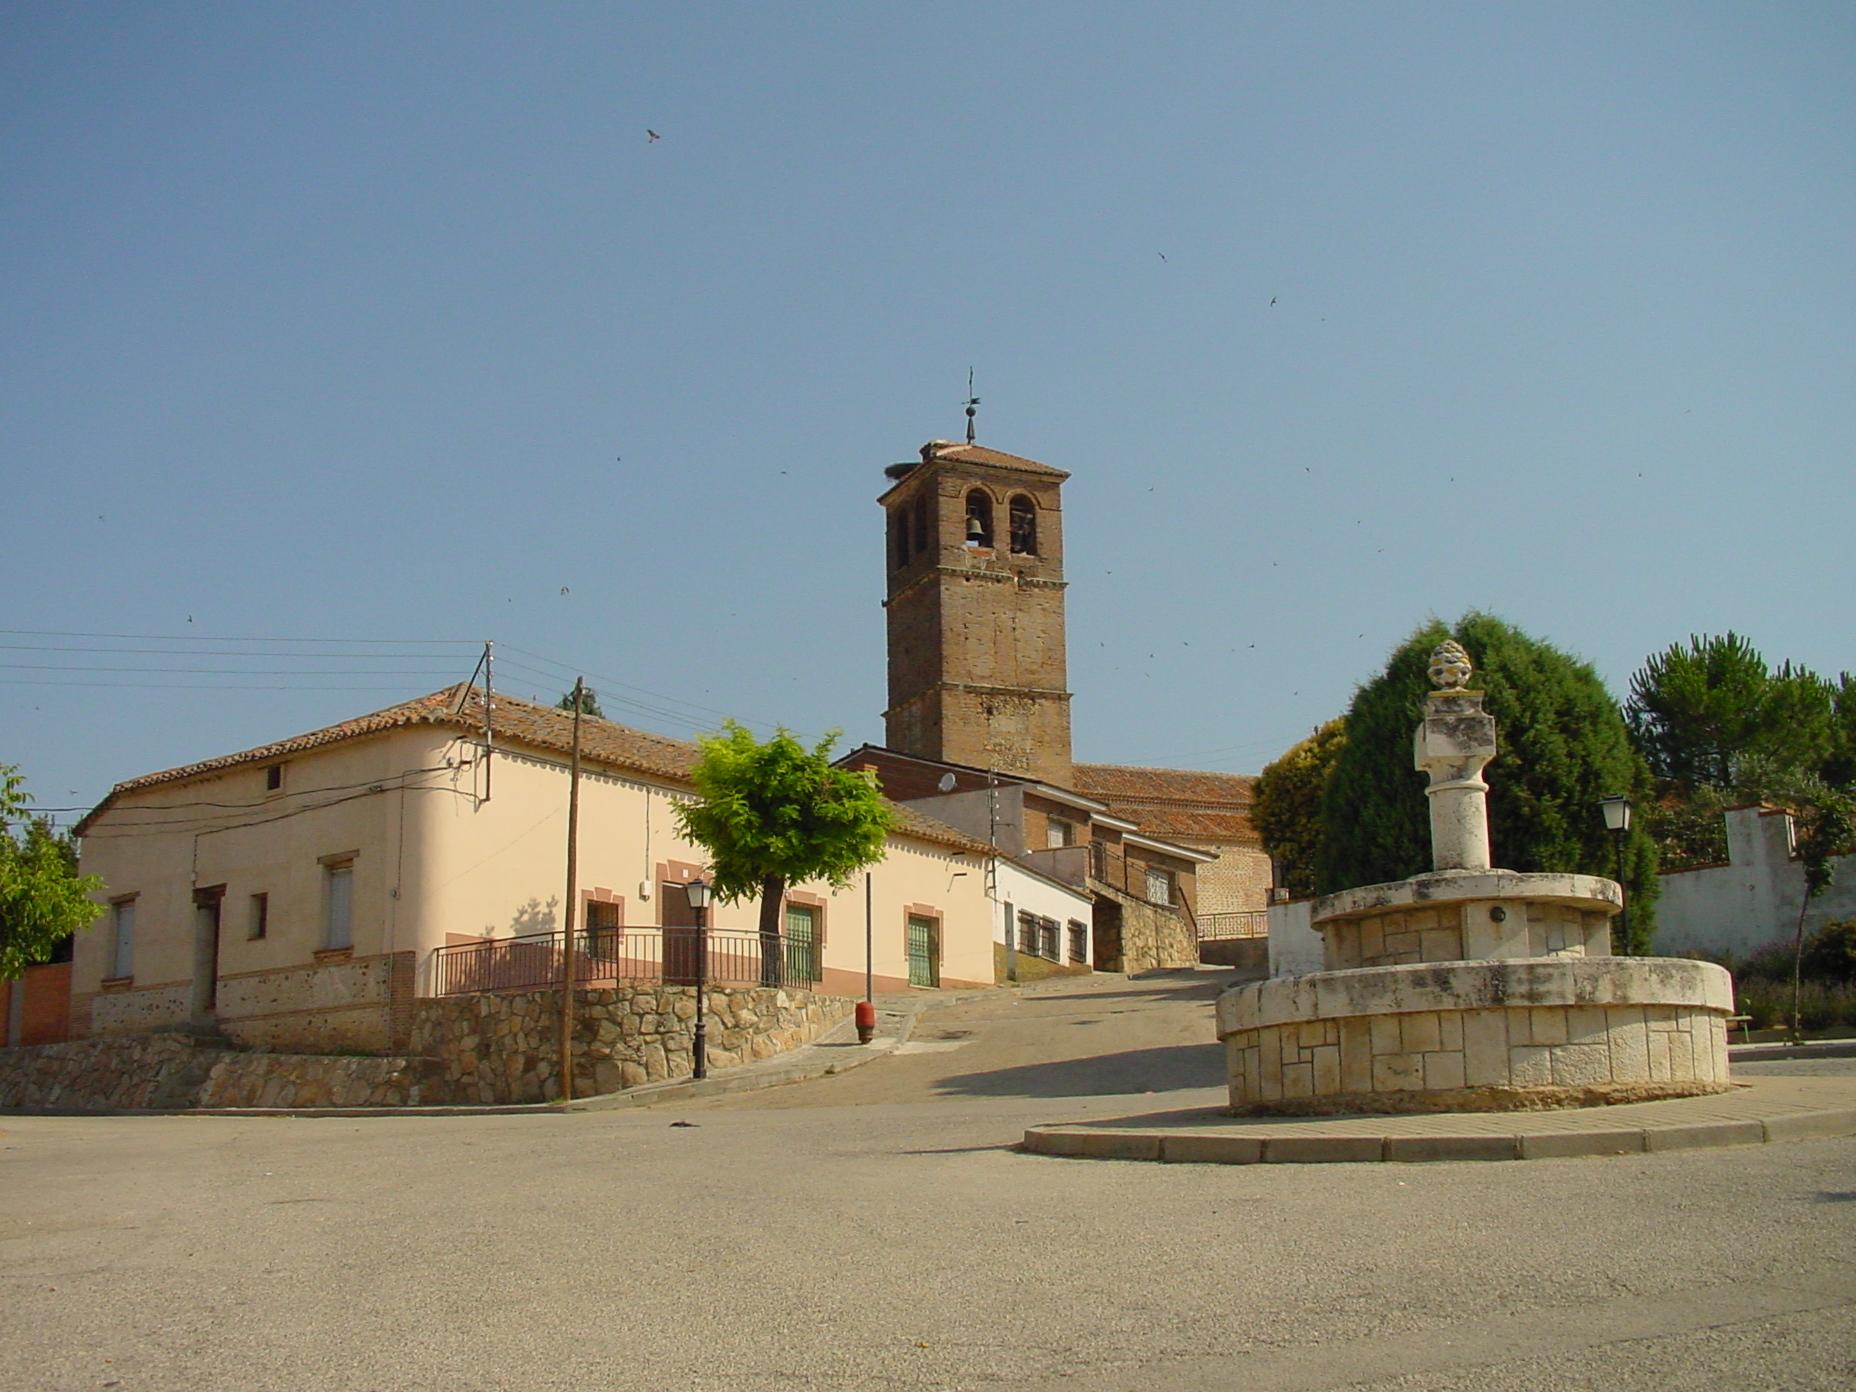 Plaza con fuente e iglesia al fondo en Ribatejada